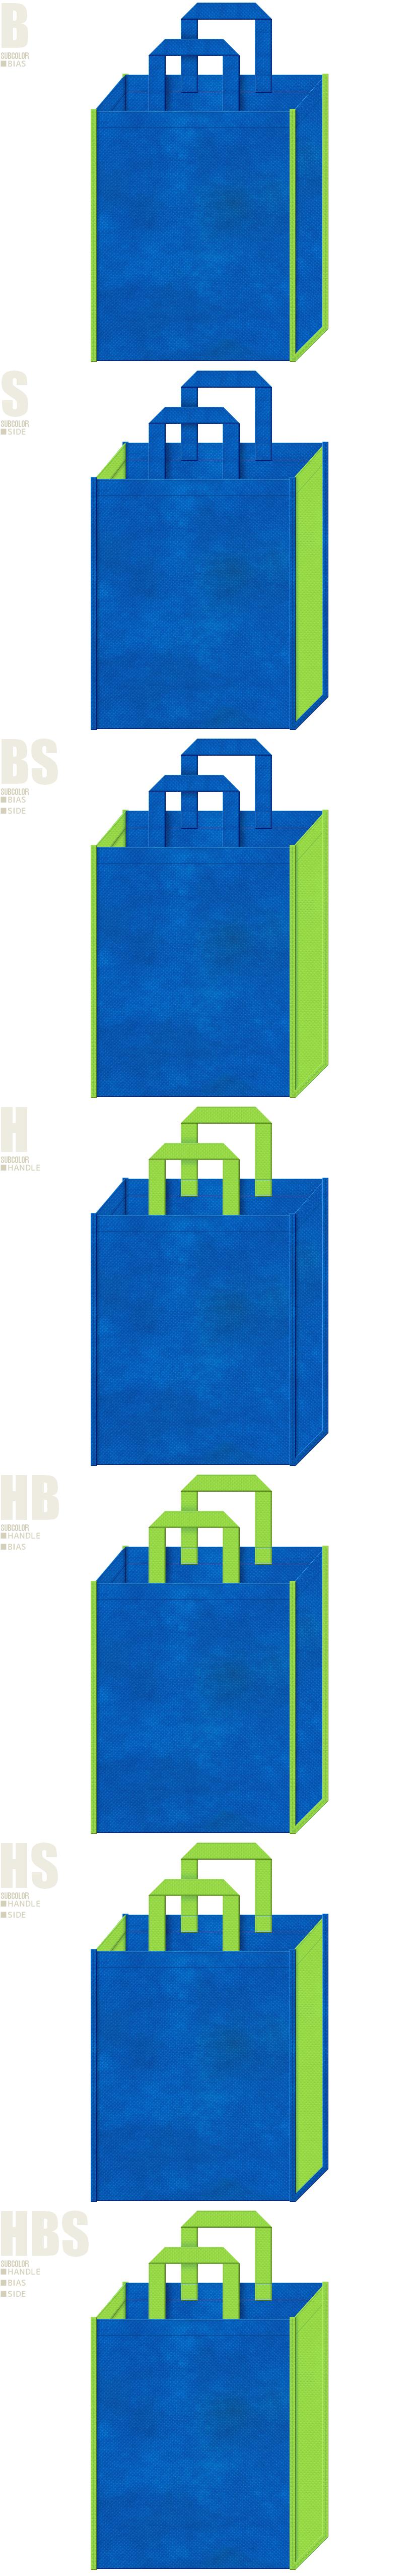 不織布トートバッグのデザイン例-不織布メインカラーNo.22+サブカラーNo.38の2色7パターン